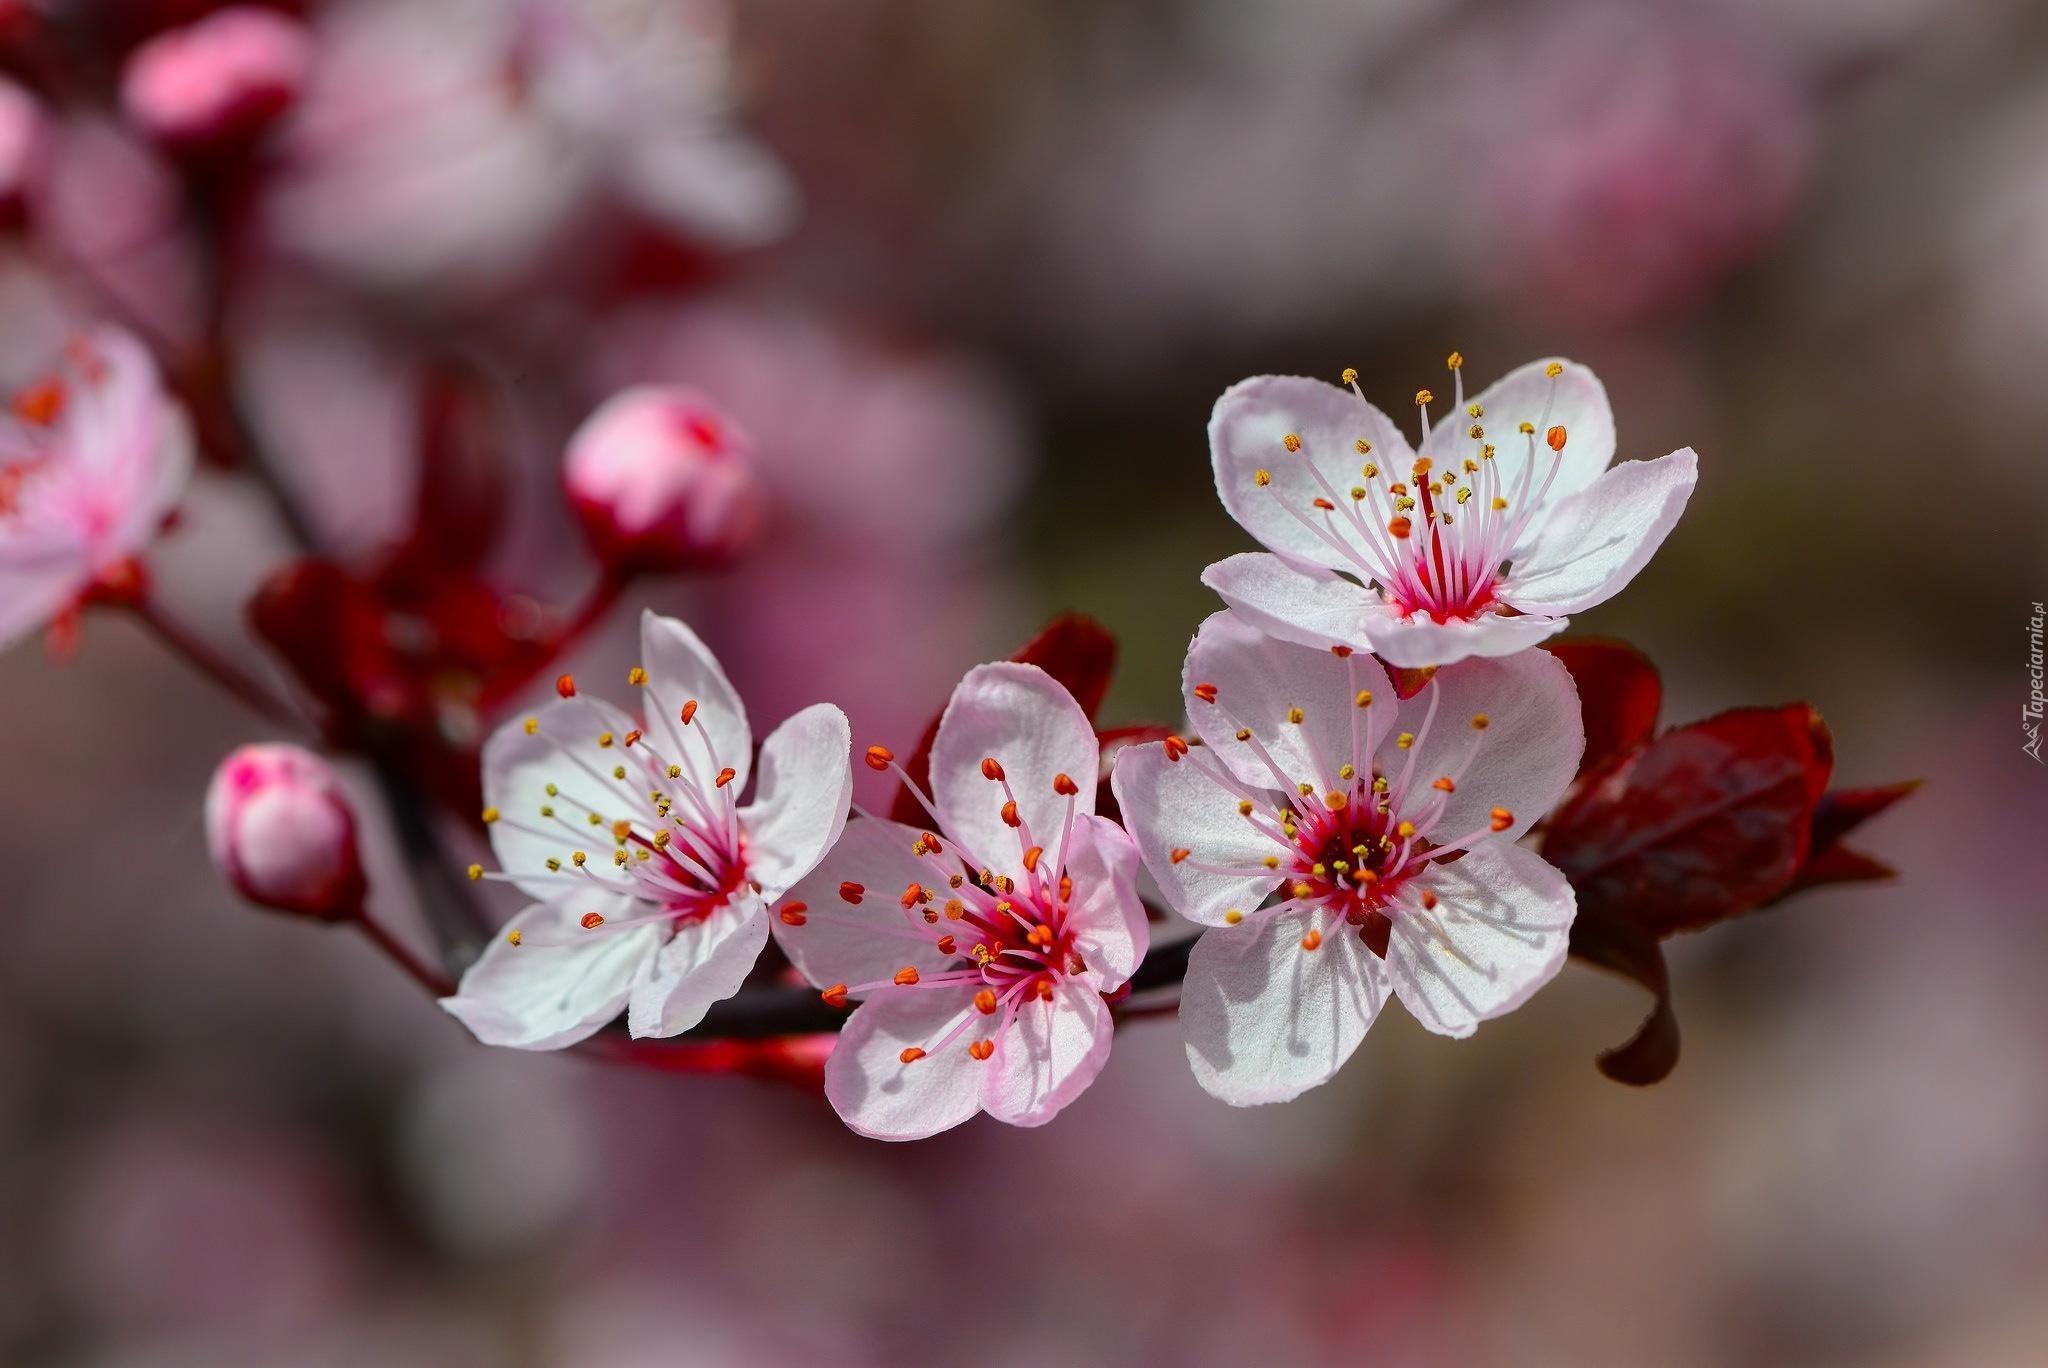 Чистяк весенний цветок без смс